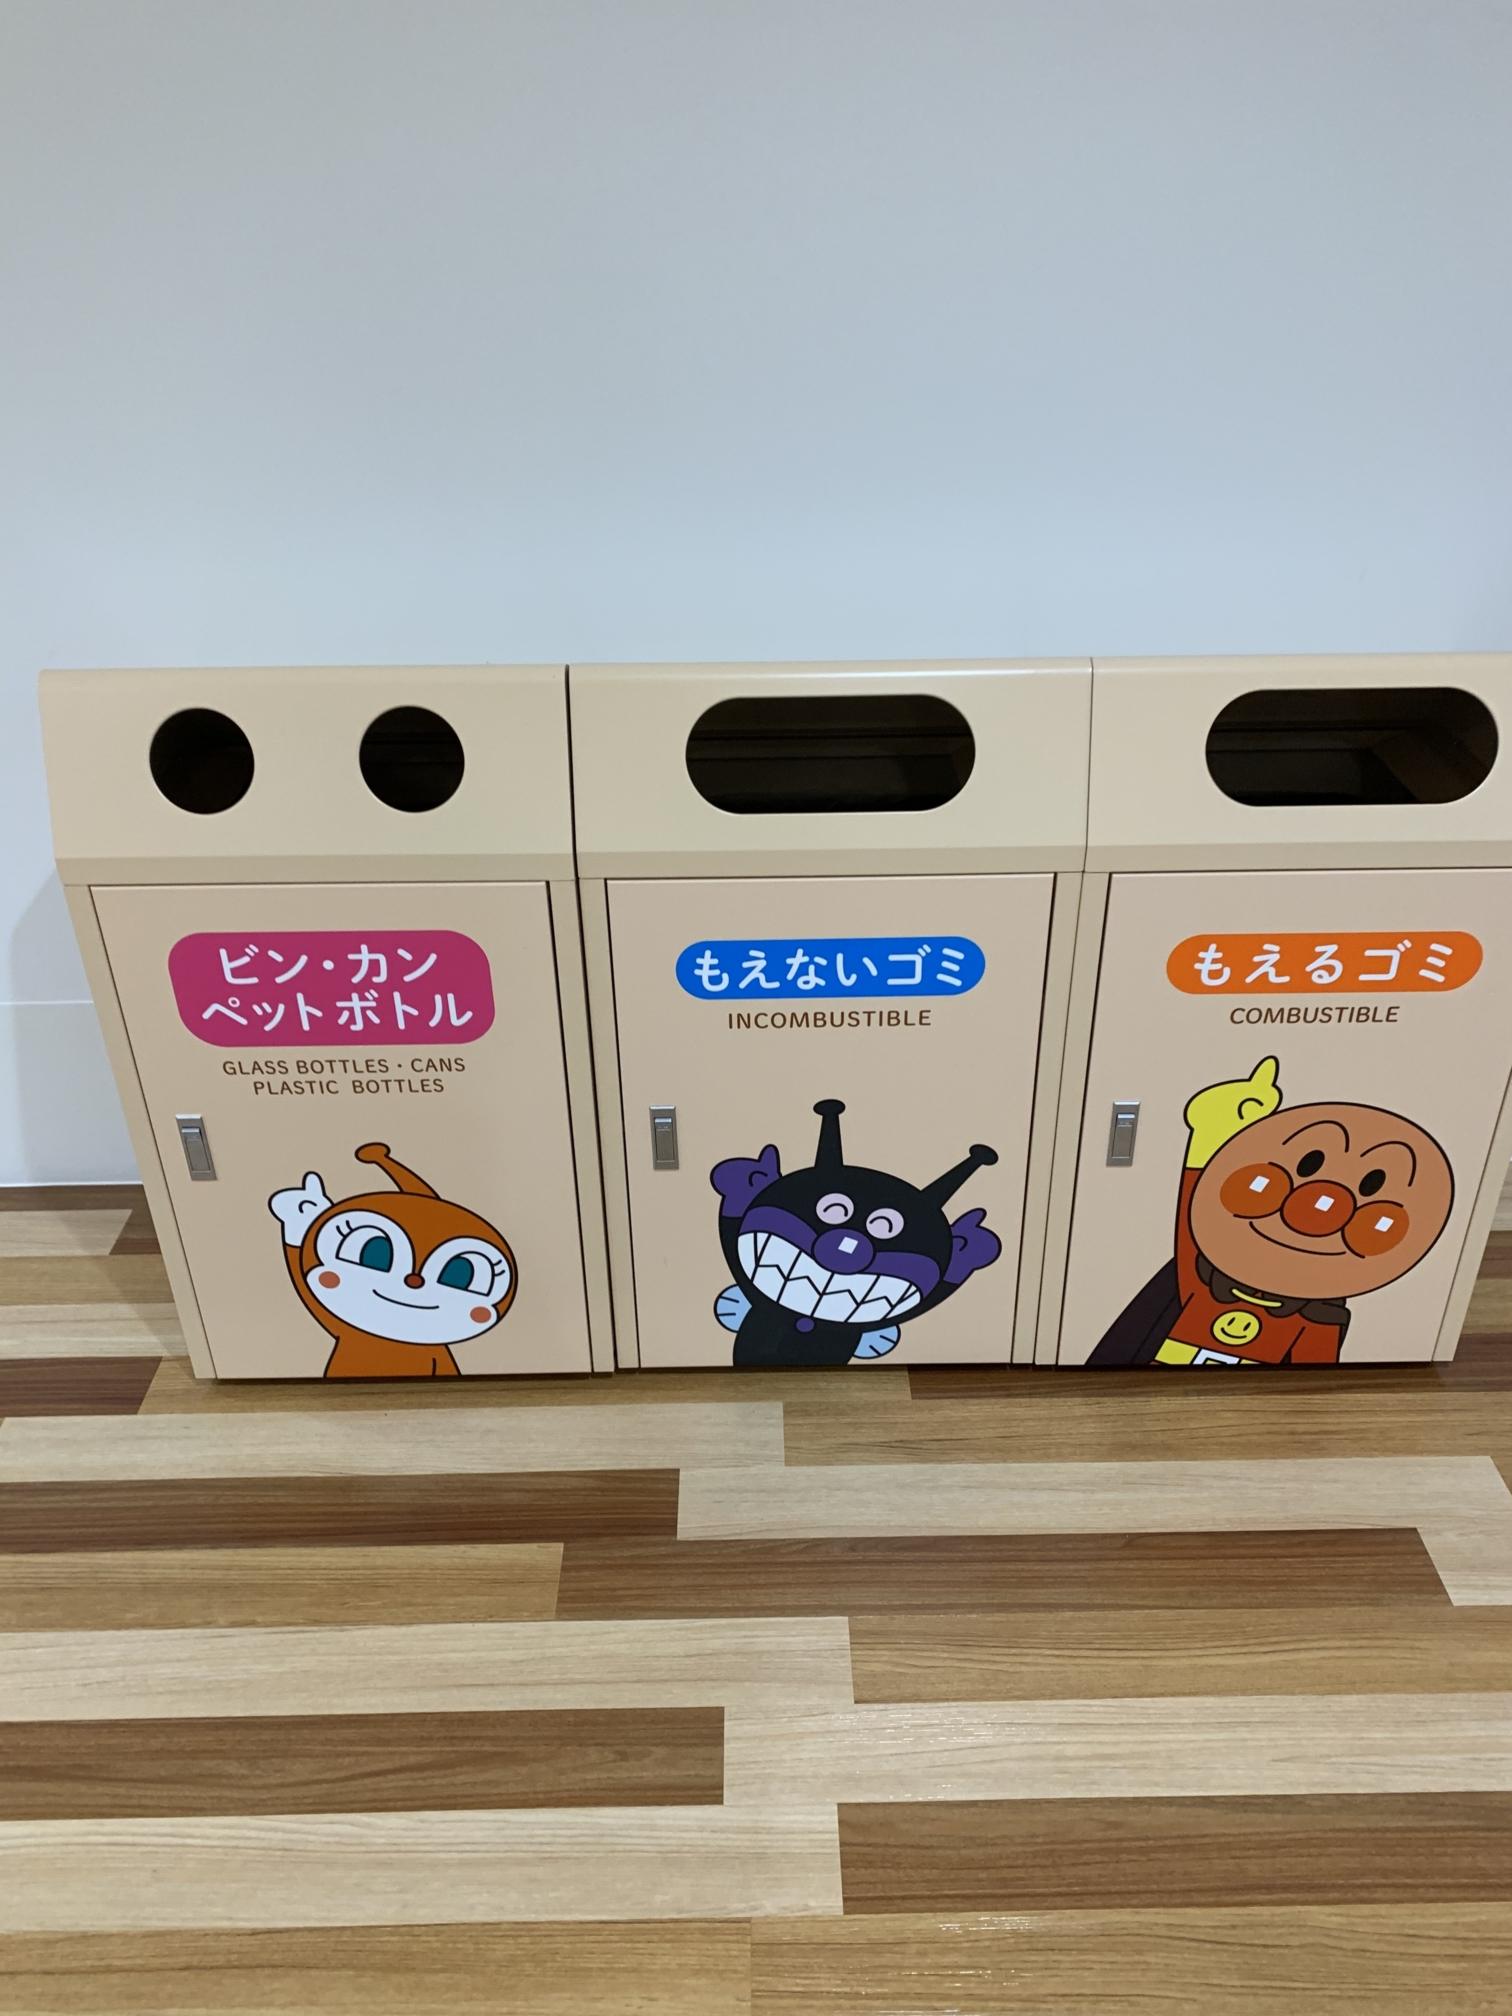 横浜アンパンマンミュージアム【ゴミ箱】